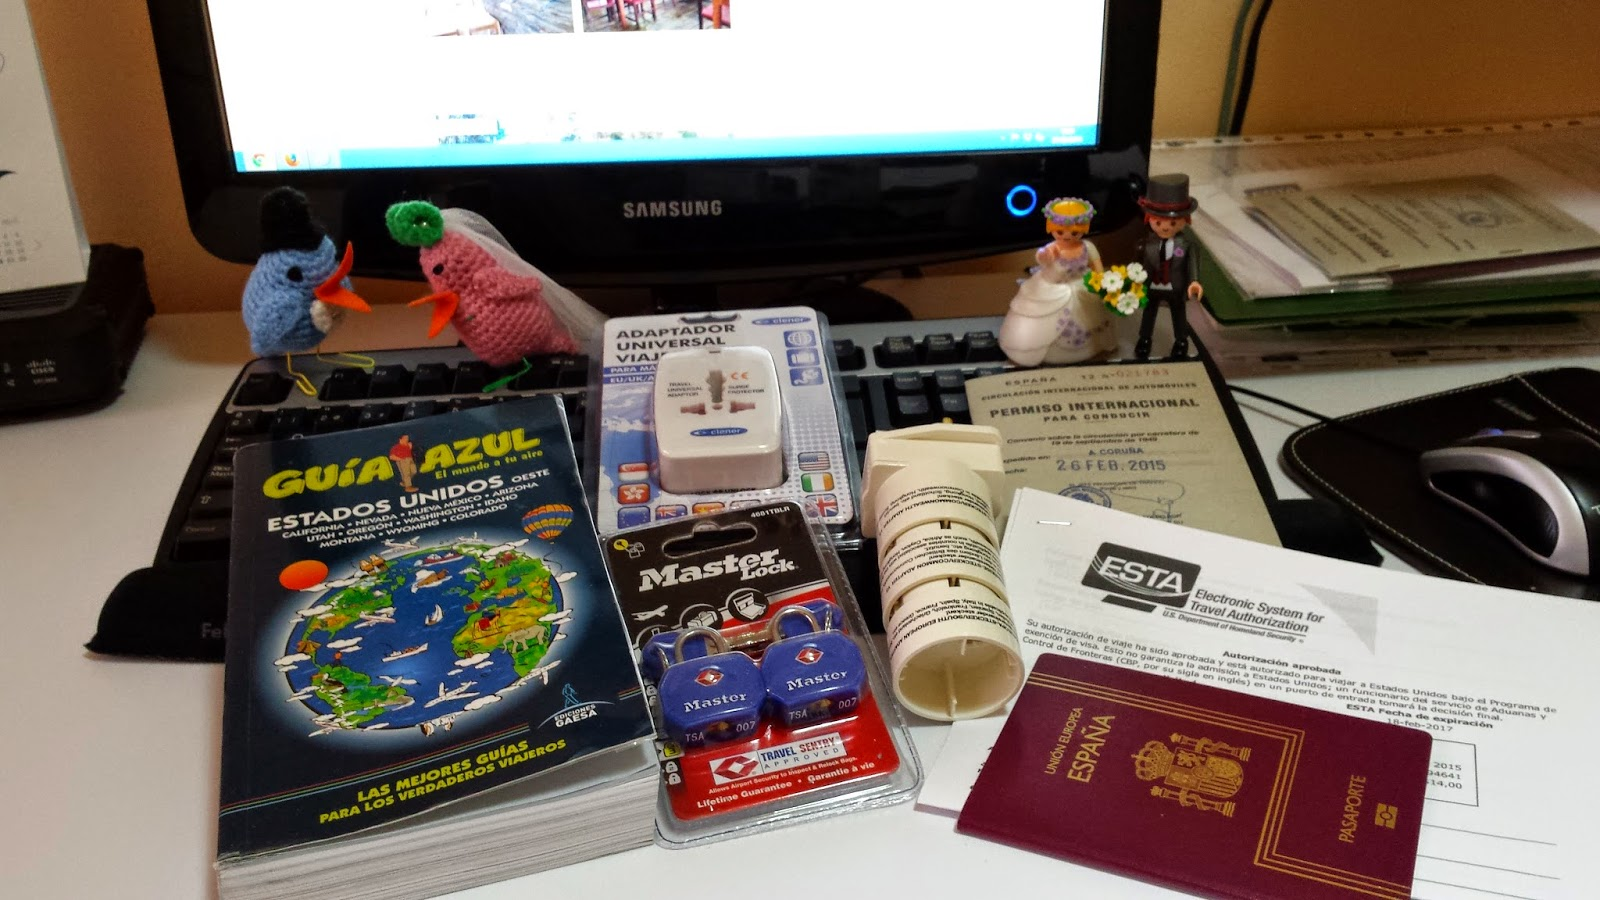 Para hacer más breve la espera, os dejamos 5 tips prácticos para preparar un  viaje al extranjero. Seguramente la mayoría caigan de cajón, pero aquí os  los ...